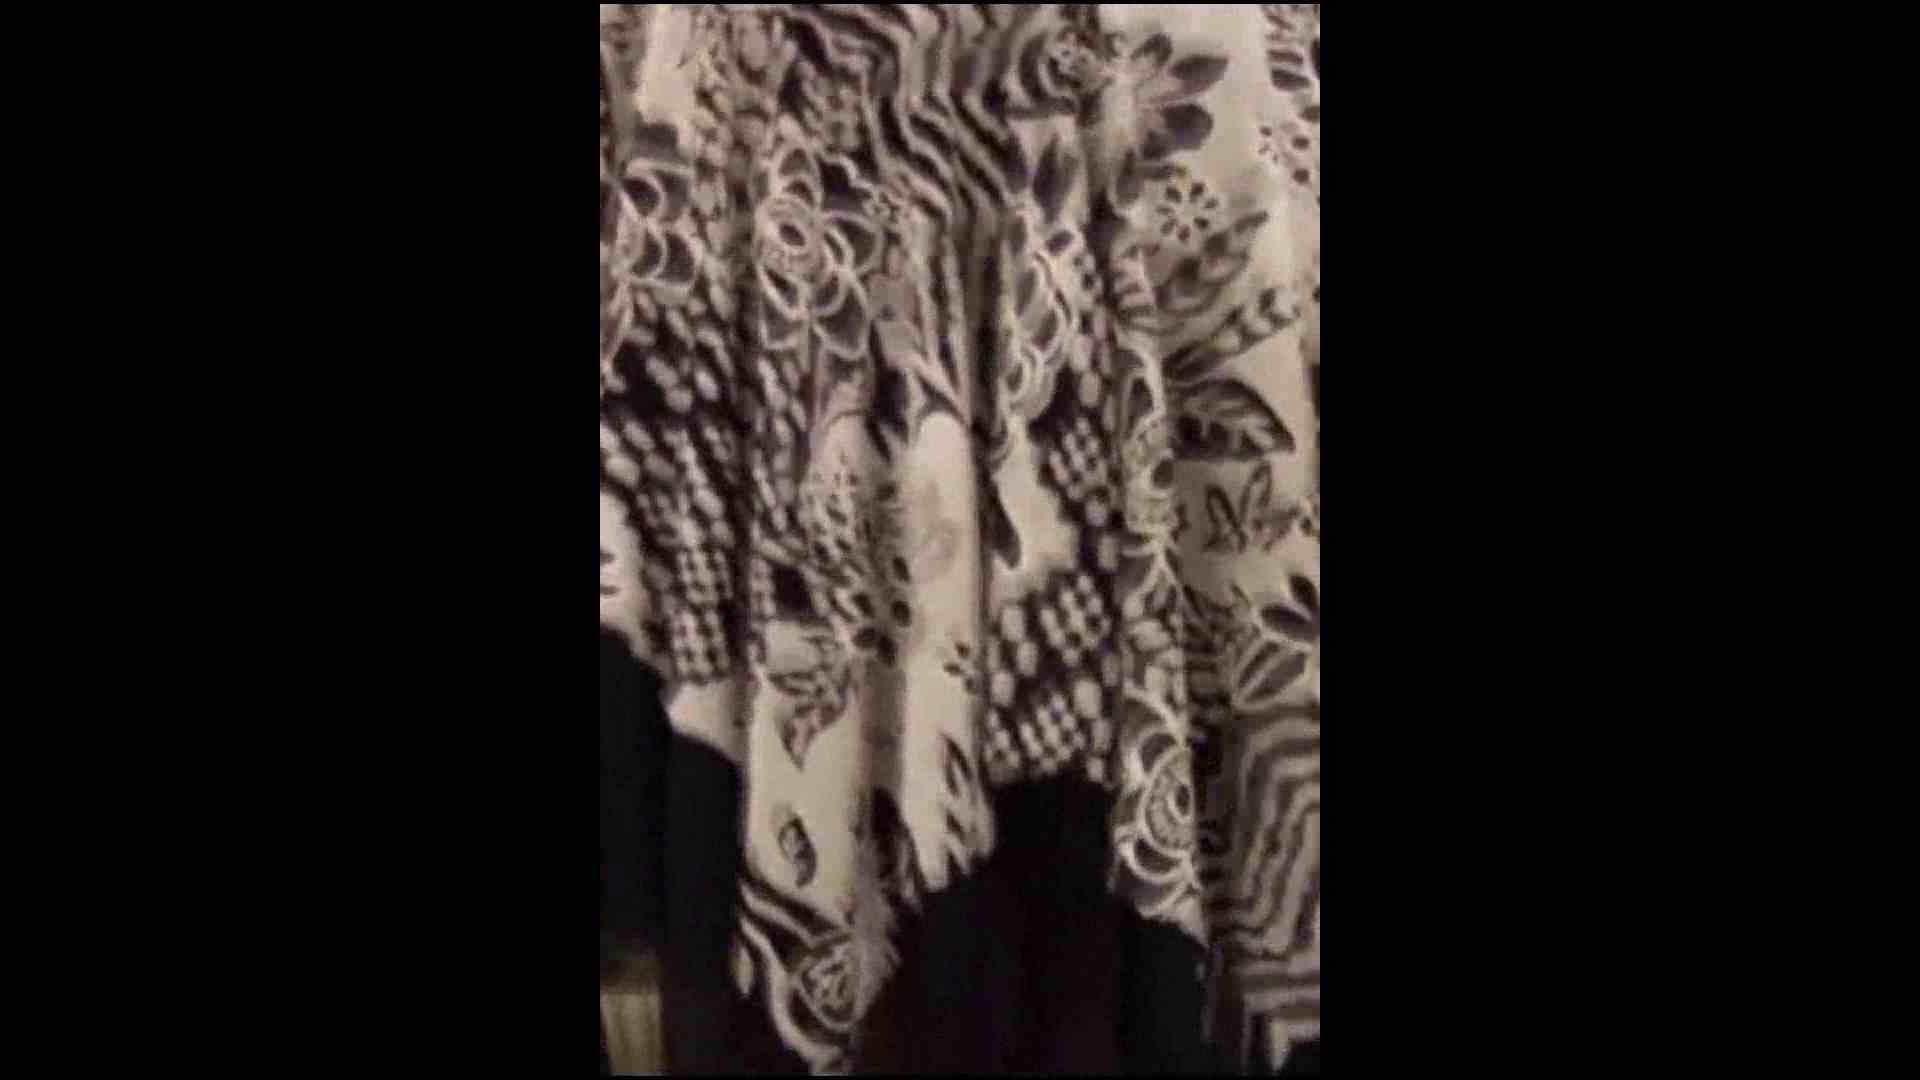 綺麗なモデルさんのスカート捲っちゃおう‼vol01 OLエロ画像 | お姉さん  79PICs 15